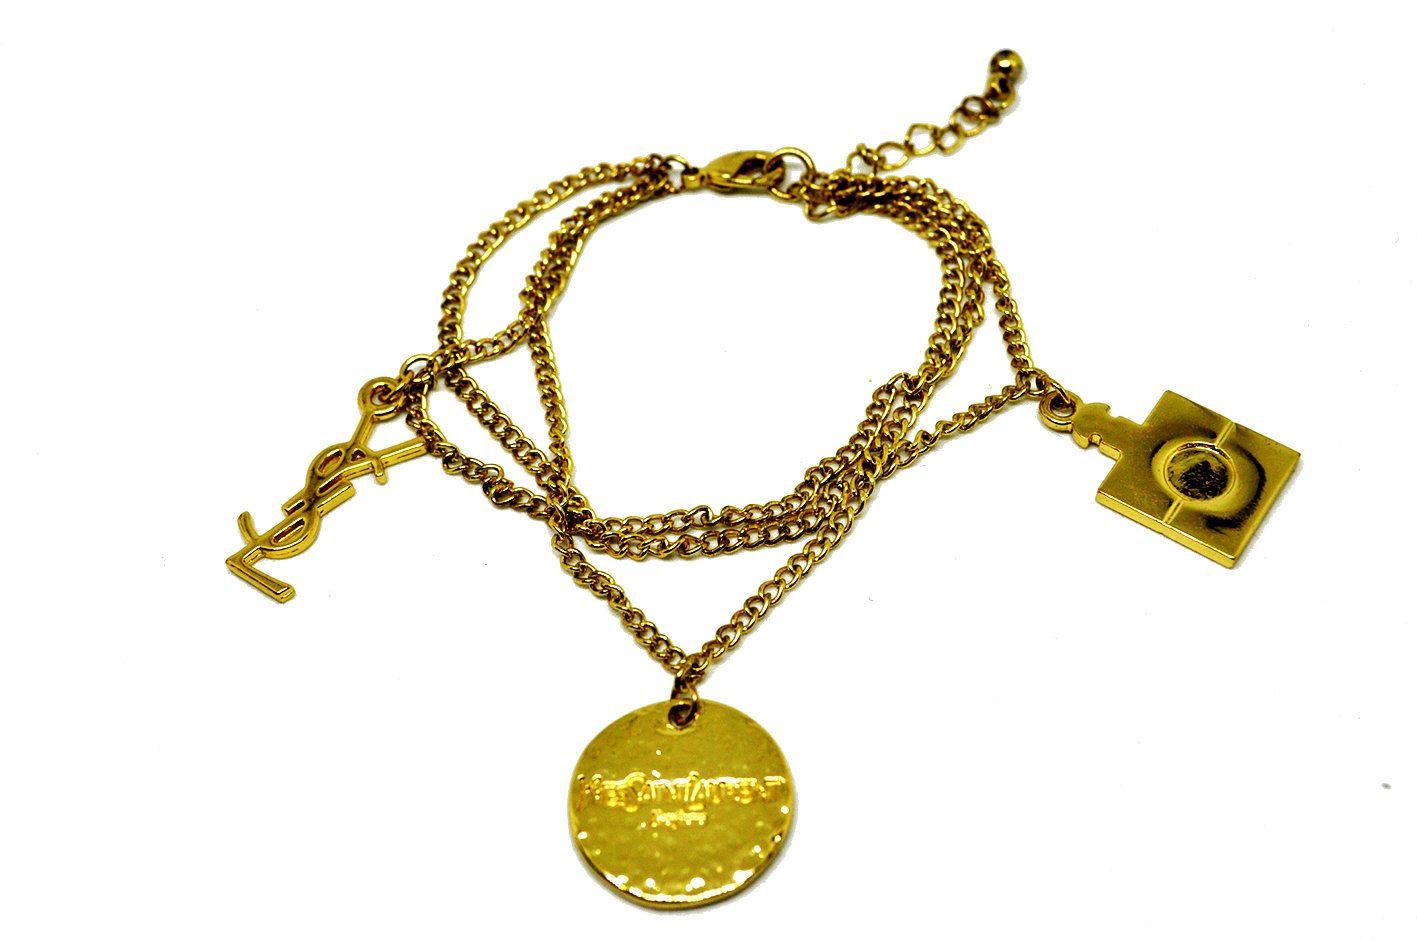 49919d68df0 Yves Saint Laurent - bracelet vintage YSL, bracelet triple chaînes  breloques dorés, bijoux créateur français, bijou parfum, cadeau pour elle